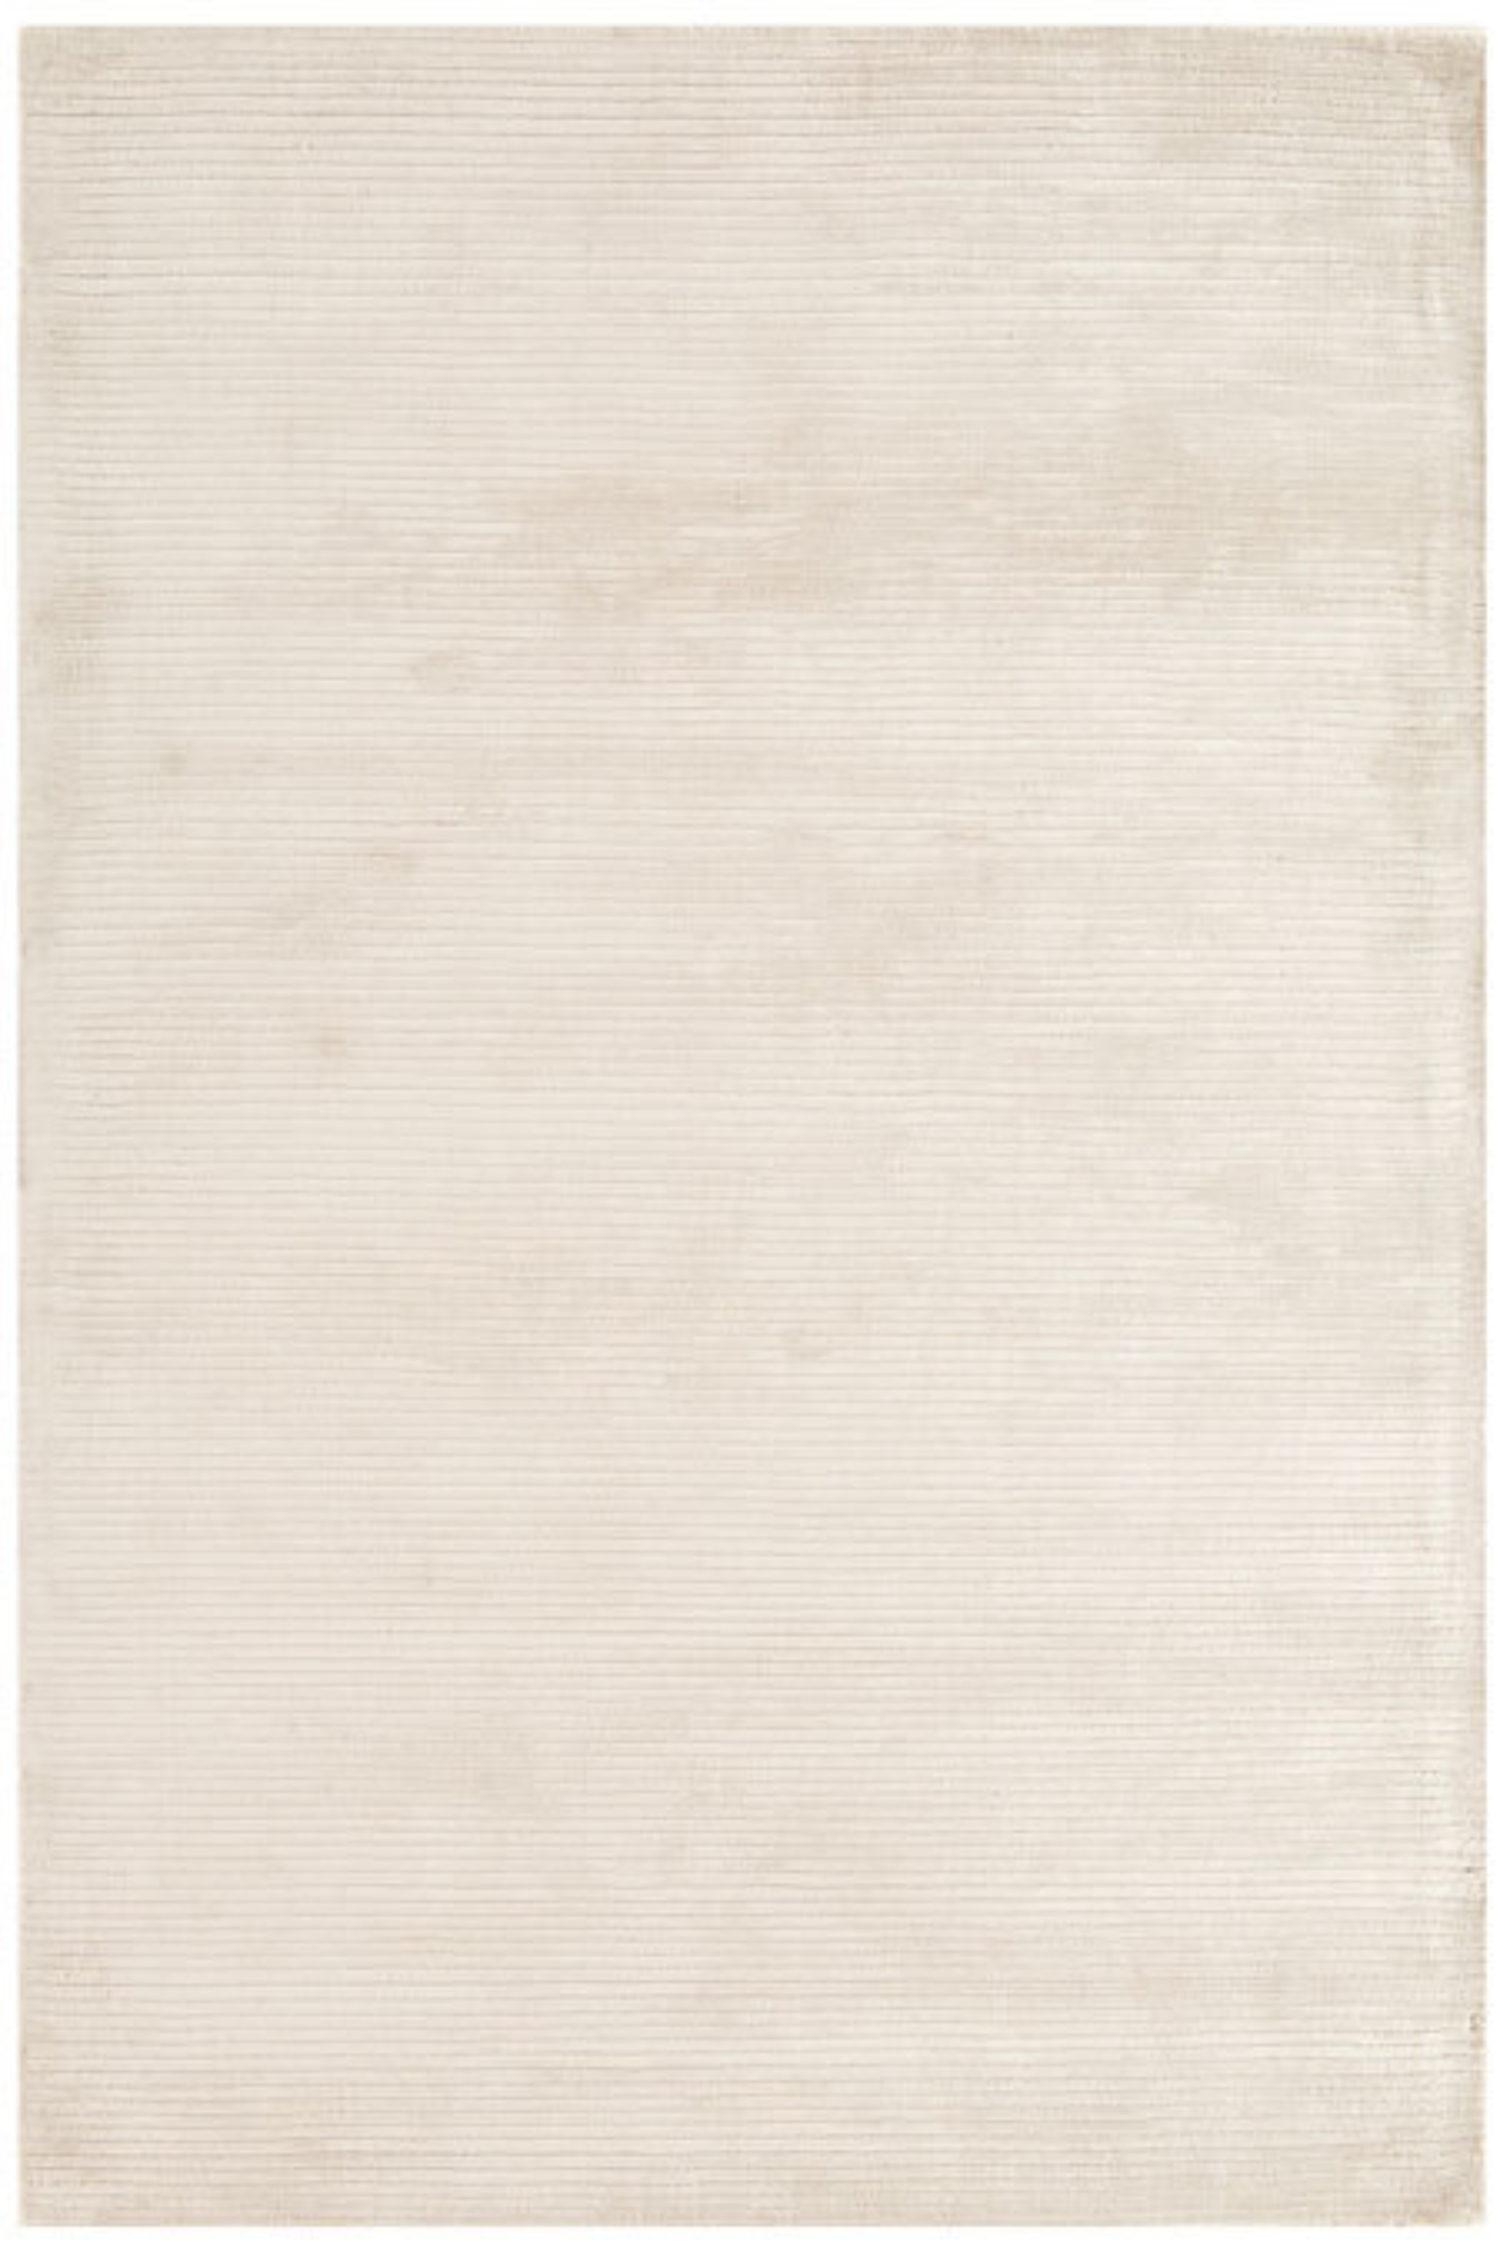 Lario in White